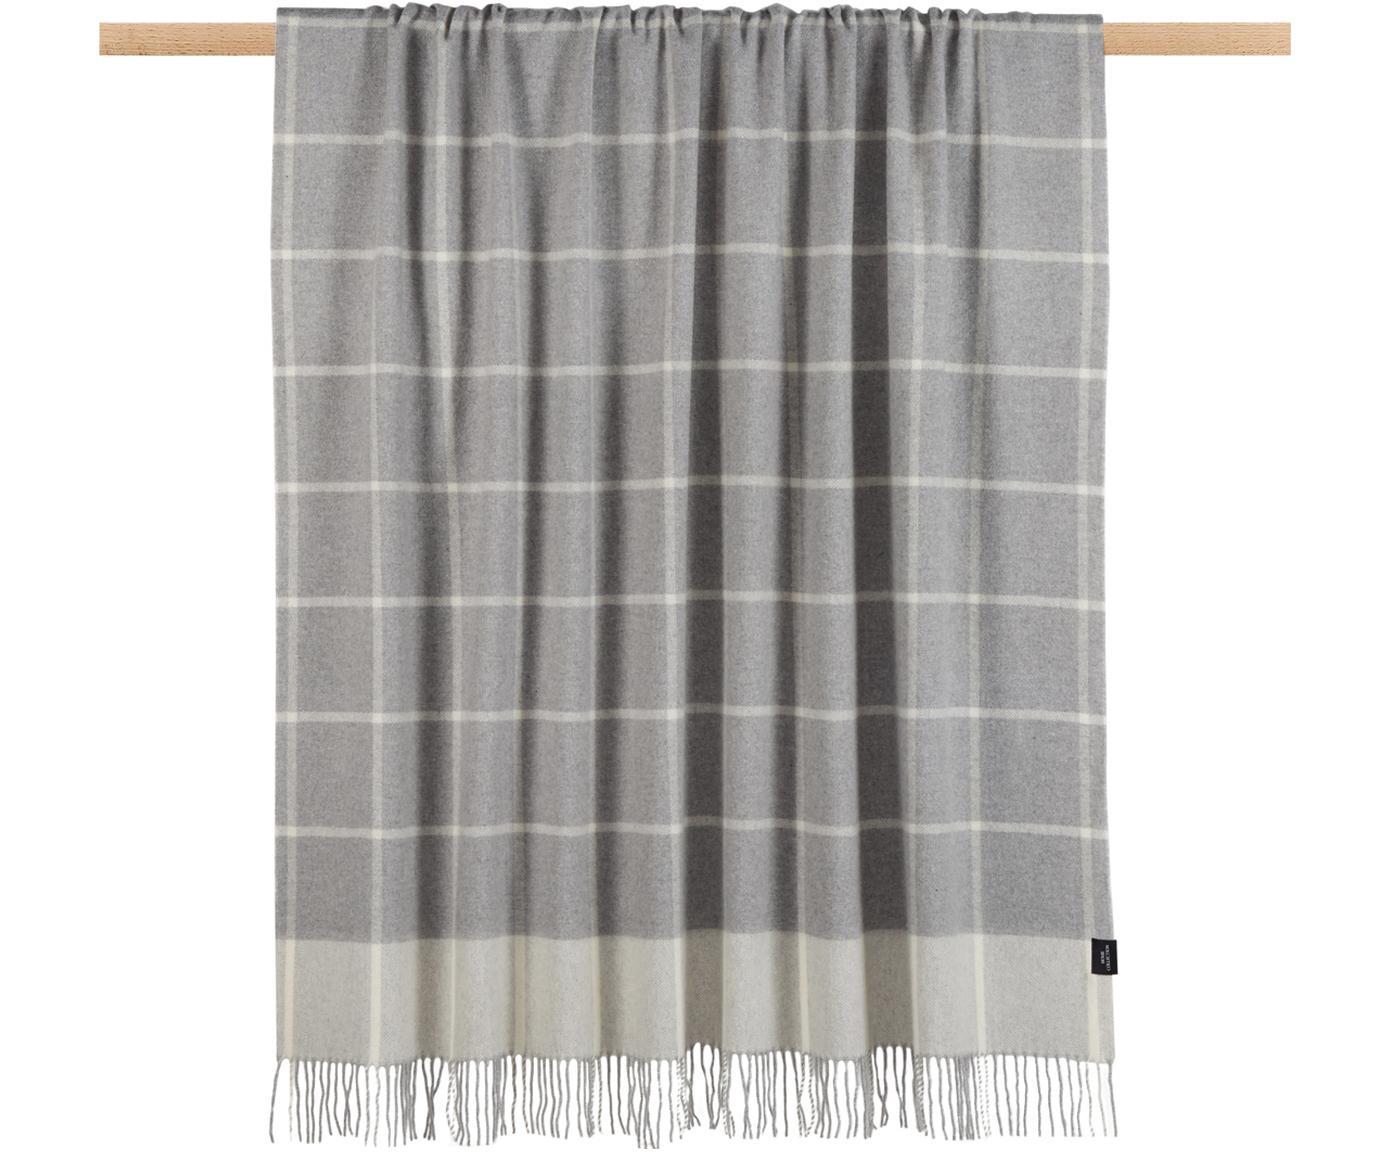 Kariertes Woll-Plaid Farison mit Kaschmiranteil, 90% Wolle, 10% Kaschmir, Hellgrau, Mittelgrau, 140 x 200 cm